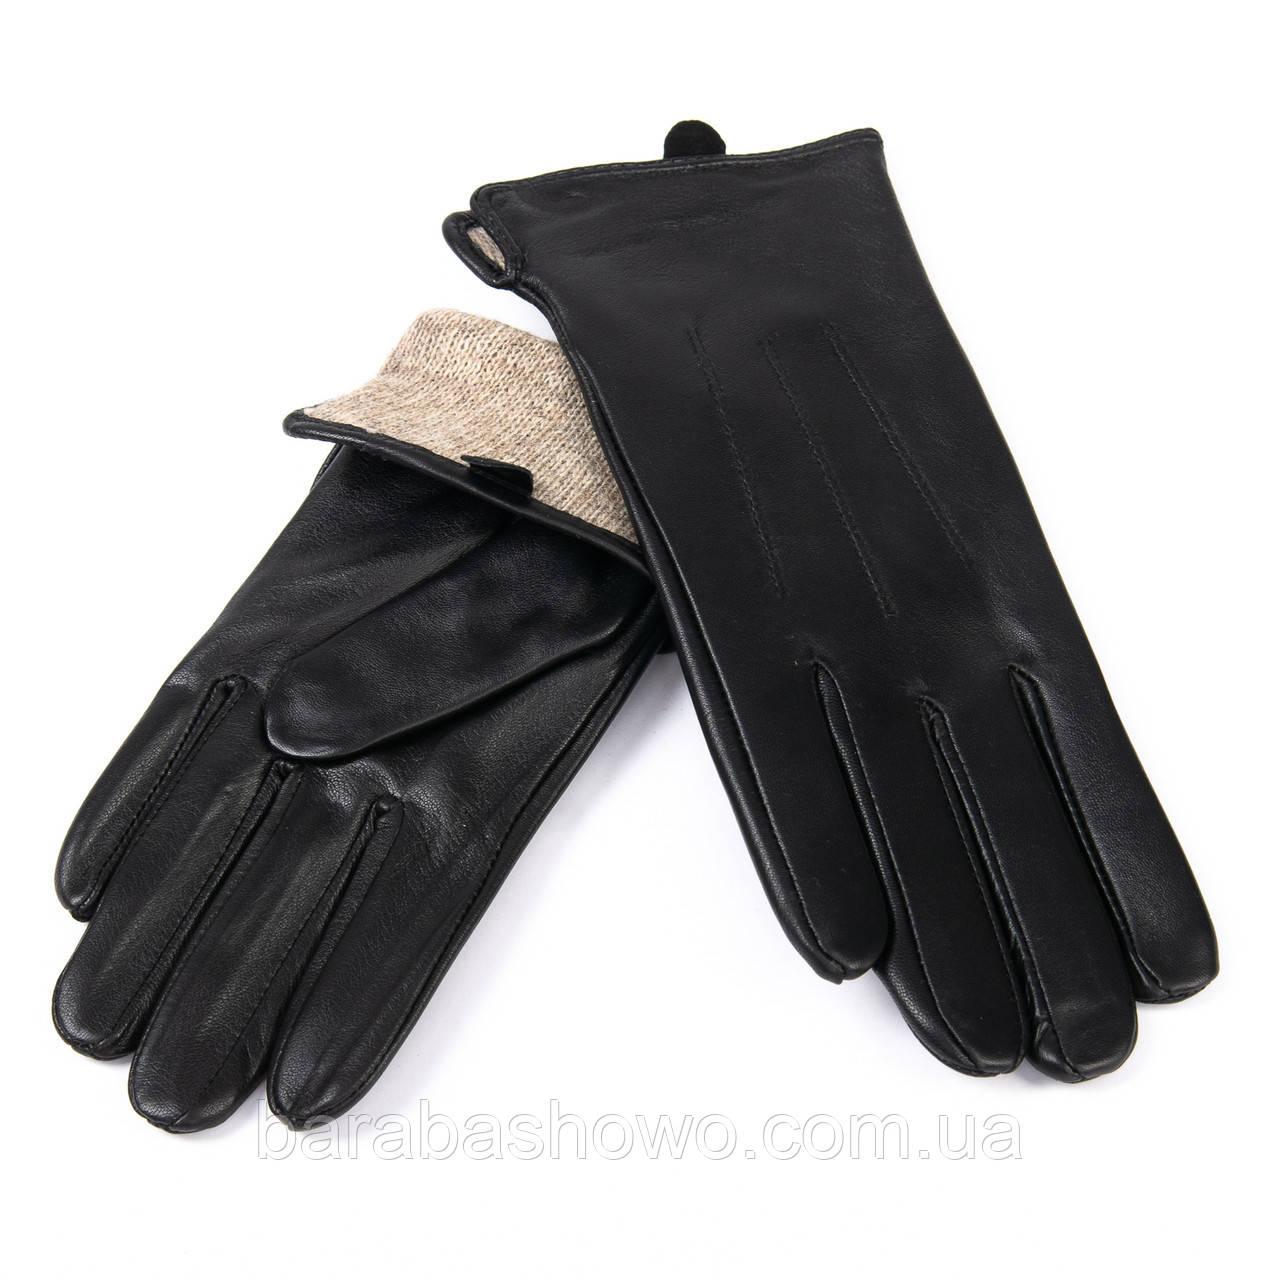 Кожаные женские перчатки с шерстяной подкладкой. F31/19 мод1